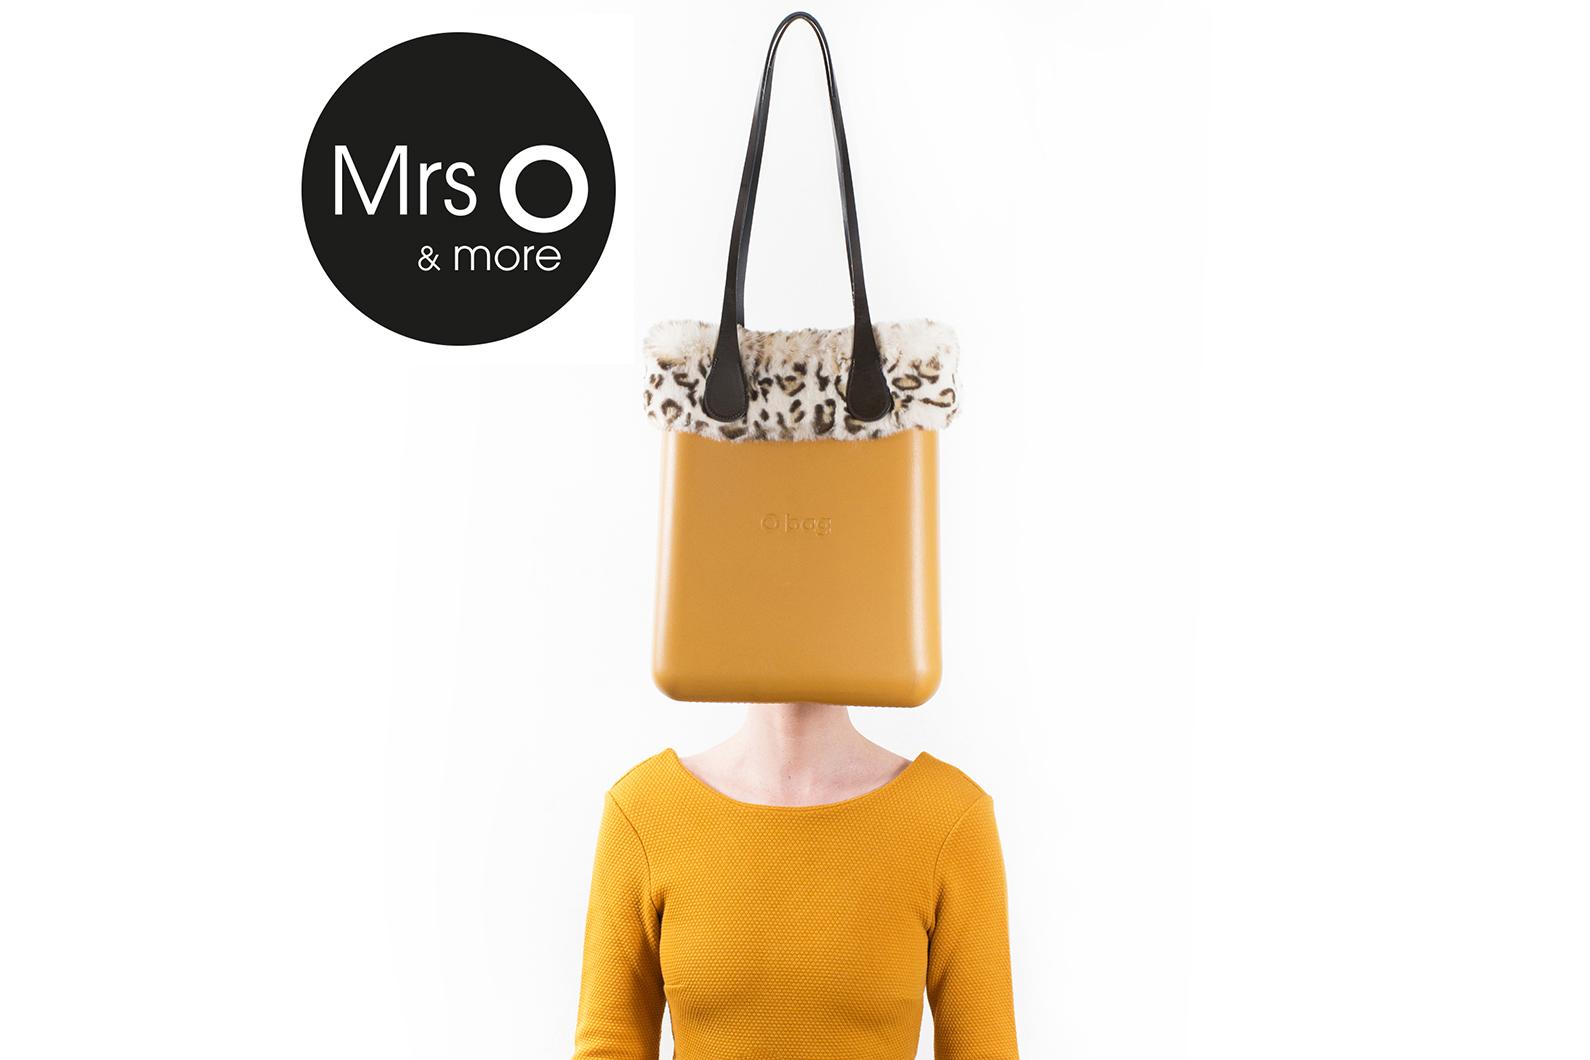 Mrs O & More